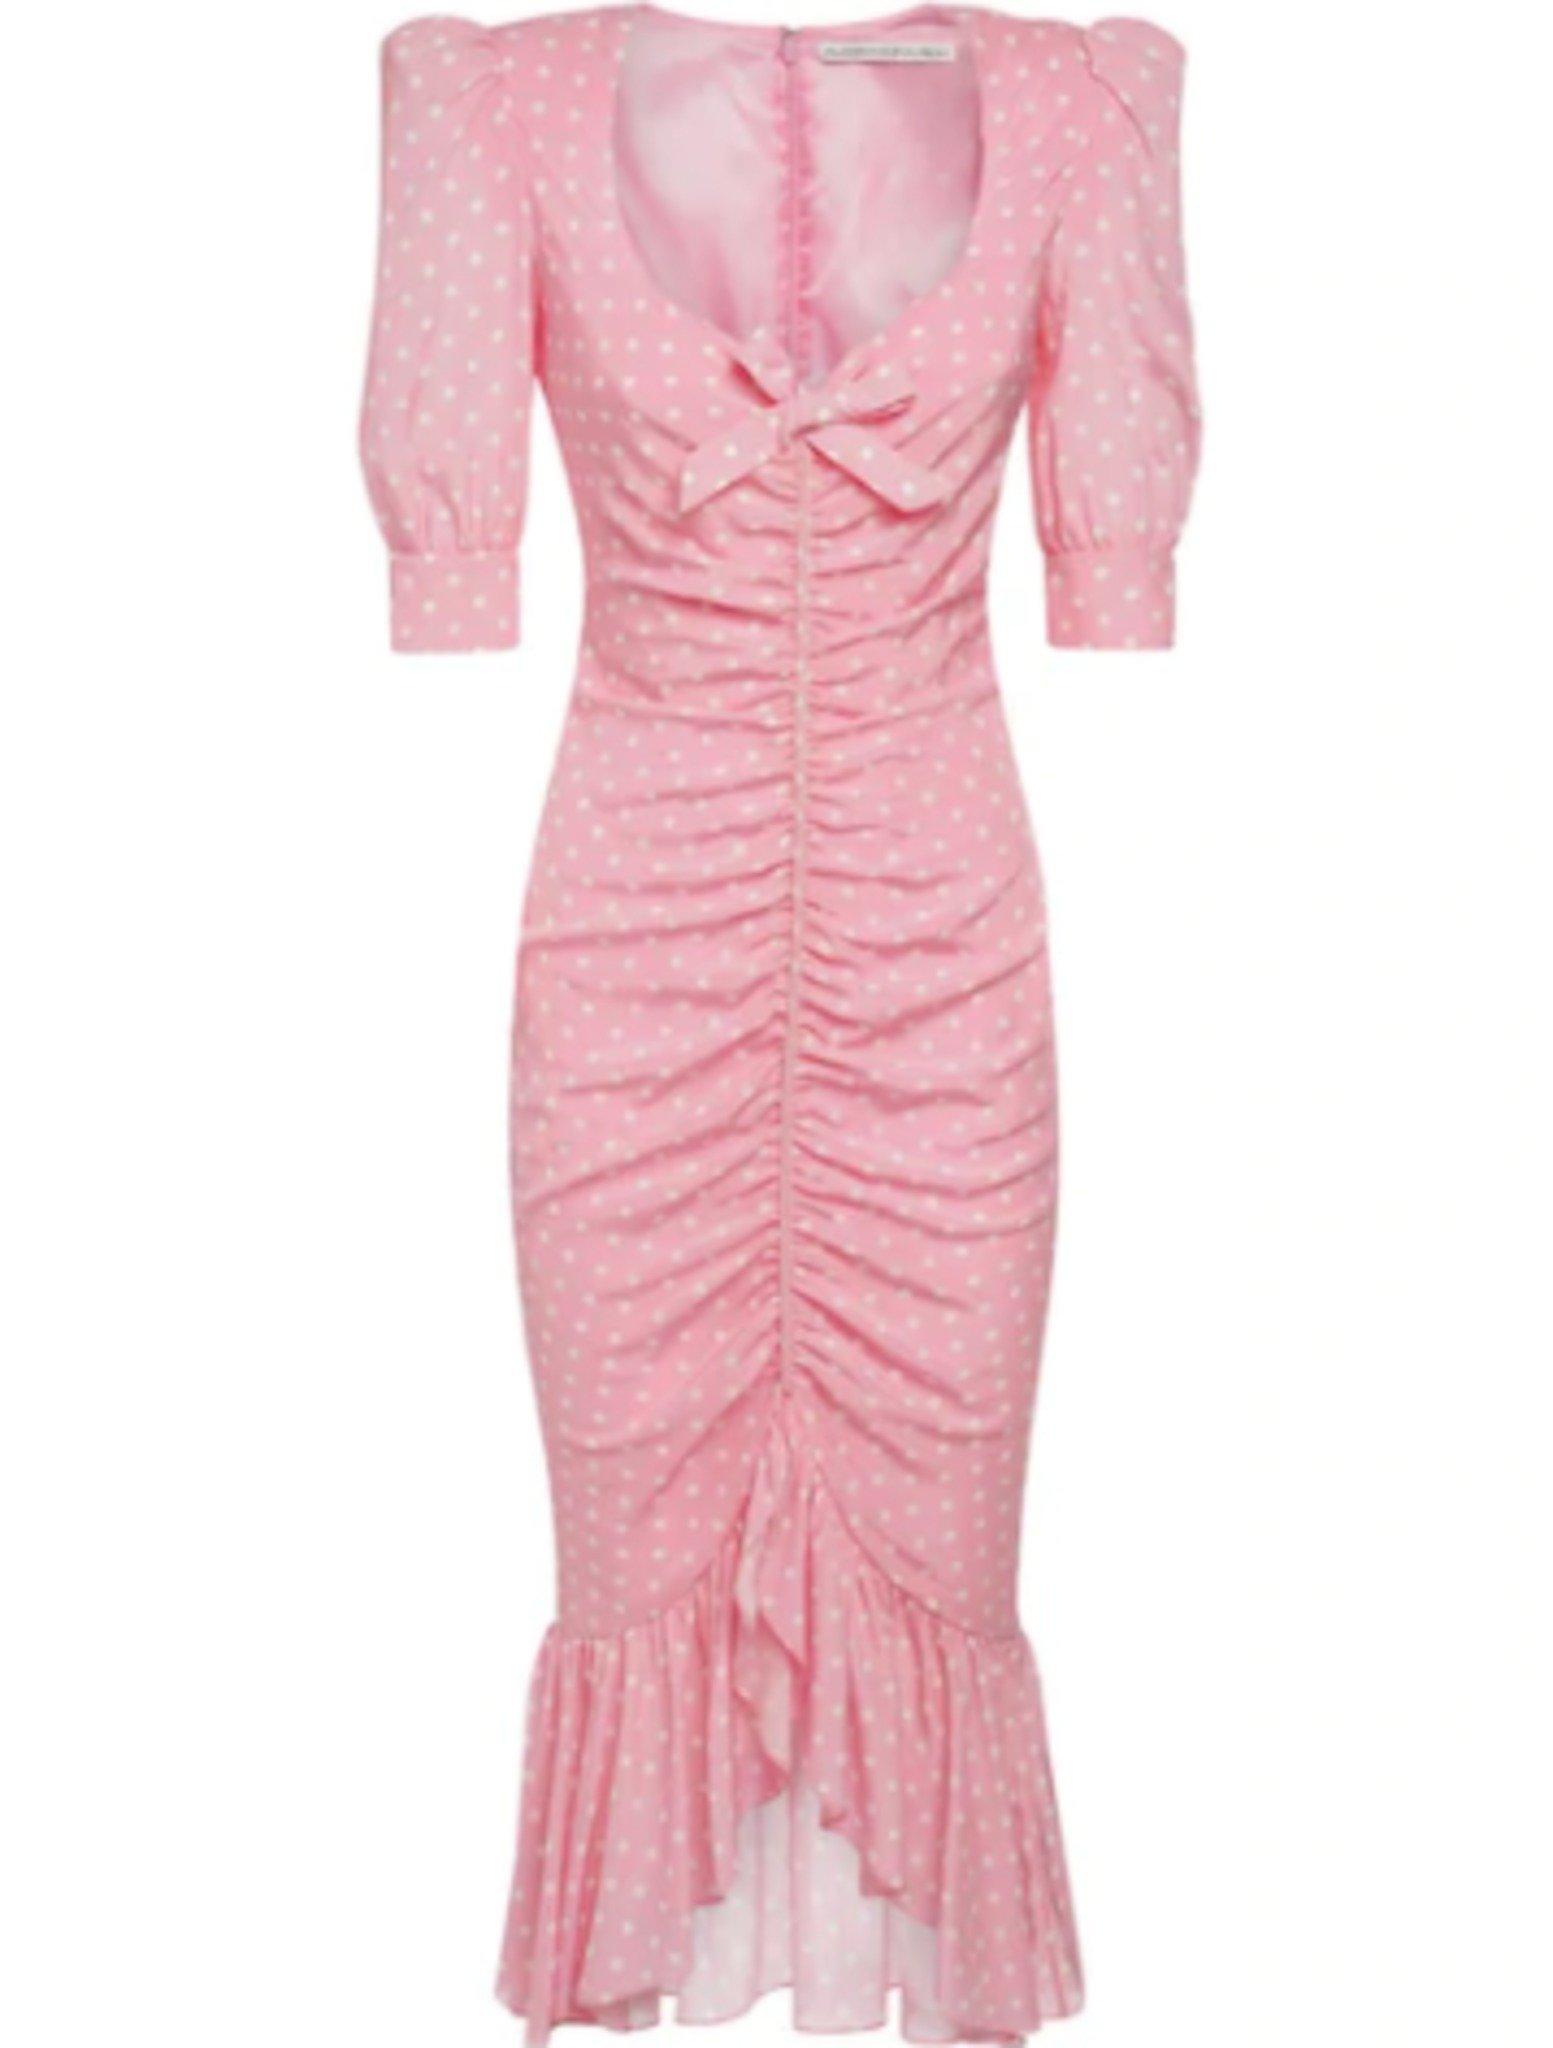 1608854519 579 Paris Hilton Is Pretty In Pink Wears Alessandra Rich